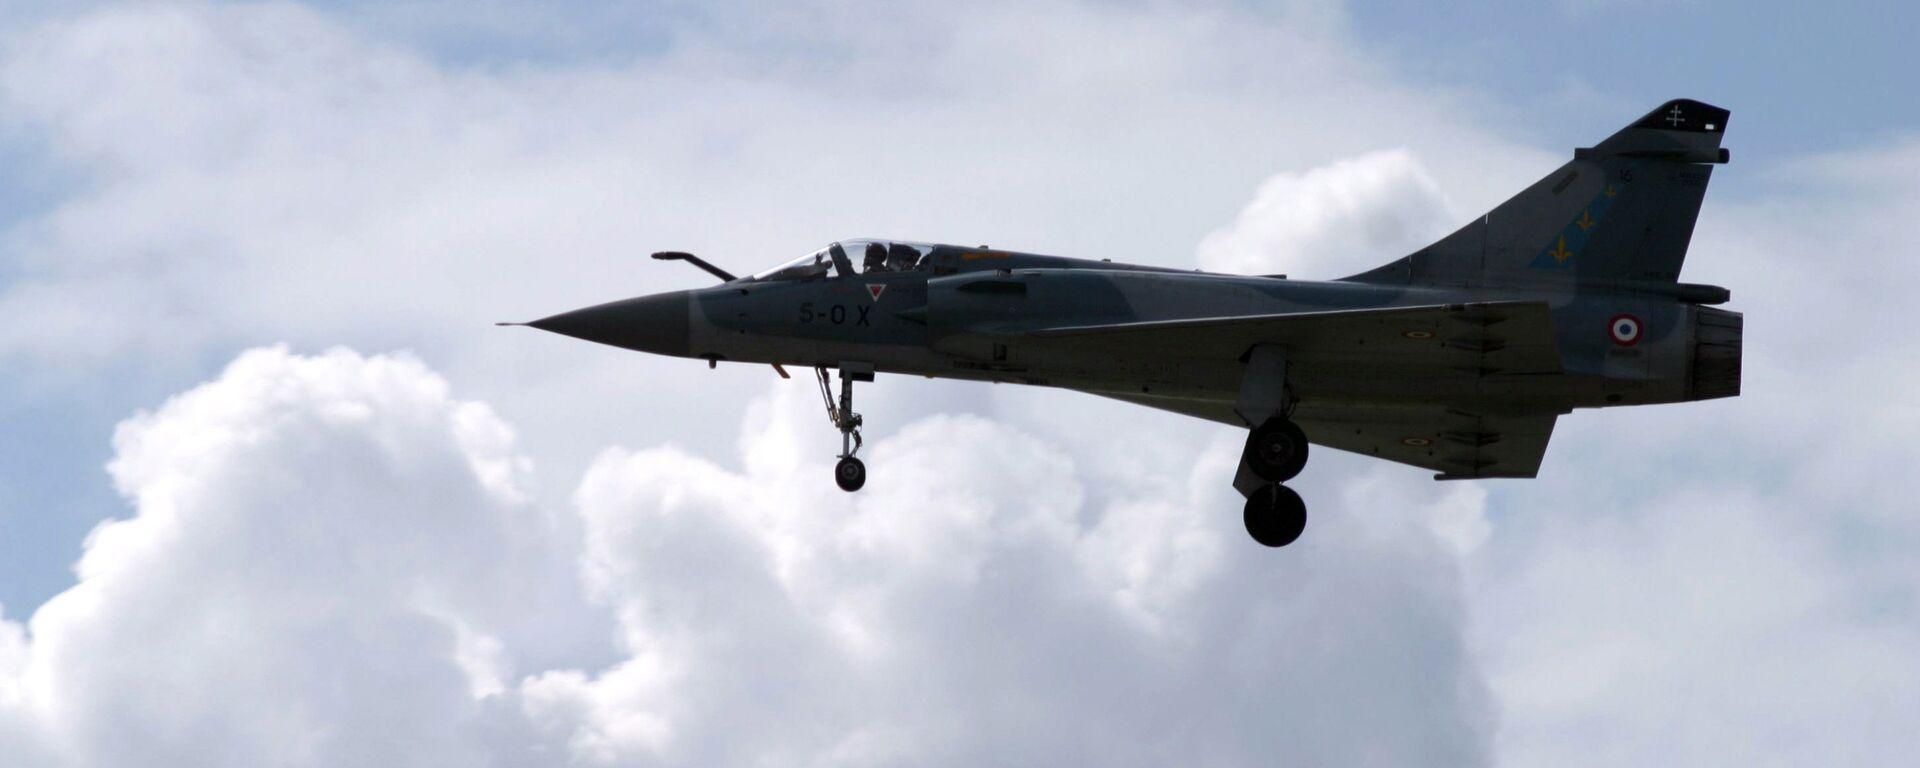 Caza Dassault Mirage 2000 (archivo) - Sputnik Mundo, 1920, 11.05.2021